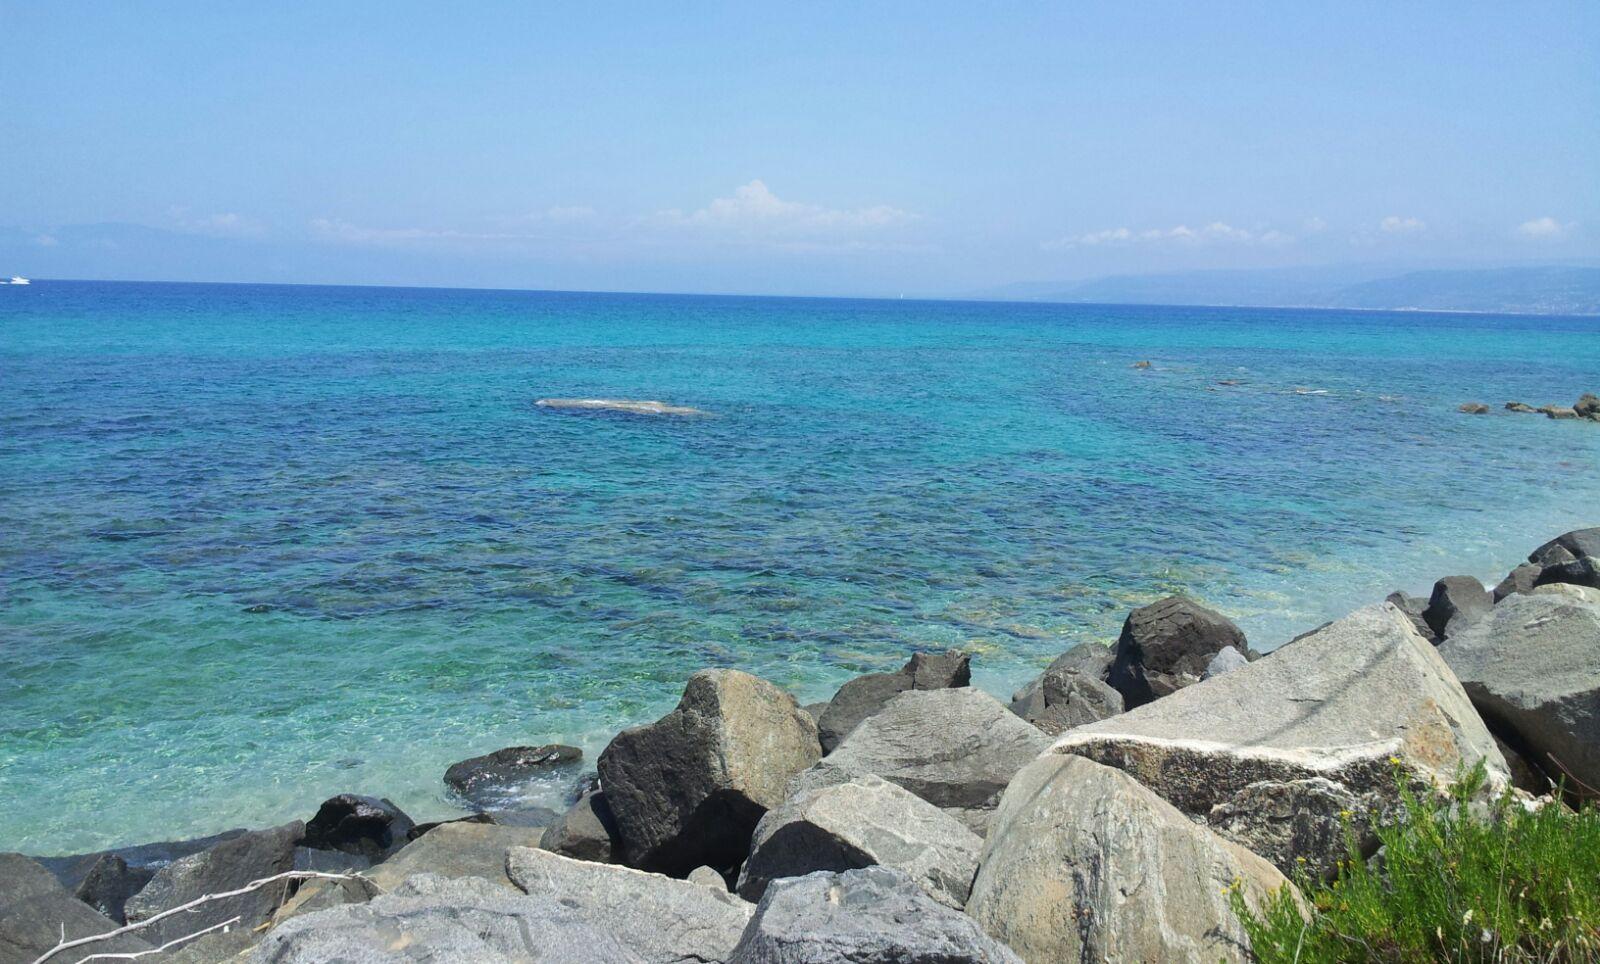 Tutelare il mare calabrese, iniziativa a Catanzaroprosa e poesie per i messaggi nelle bottiglie